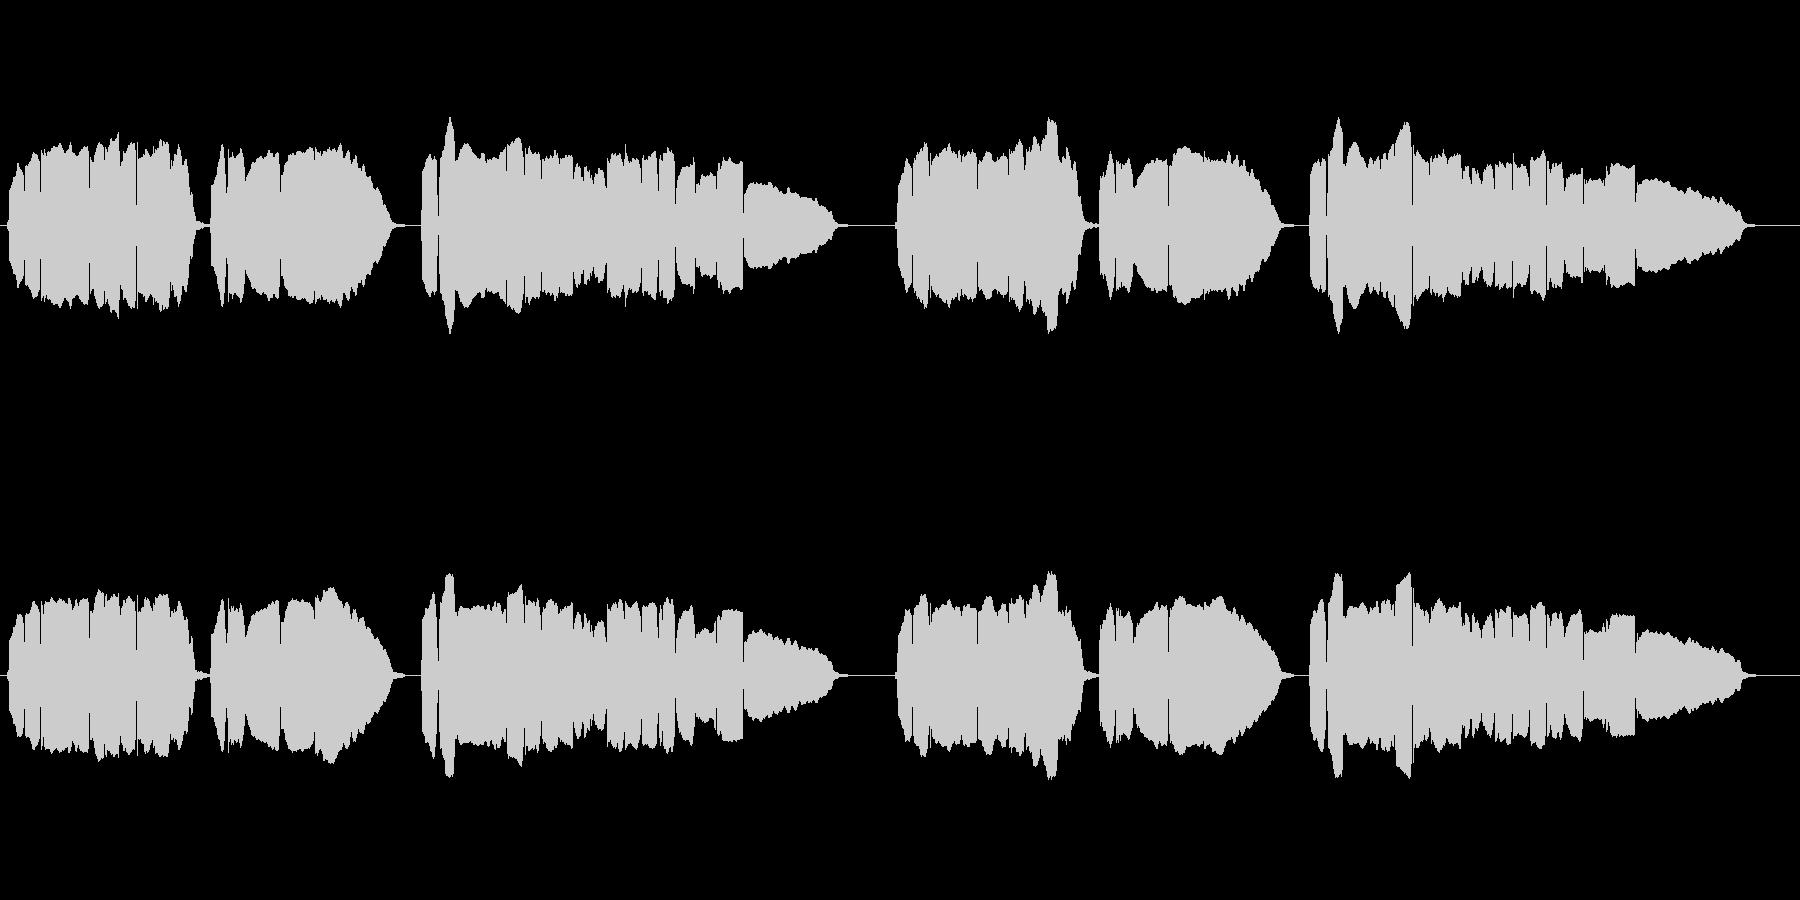 童謡「赤とんぼ」のトランペット独奏の未再生の波形